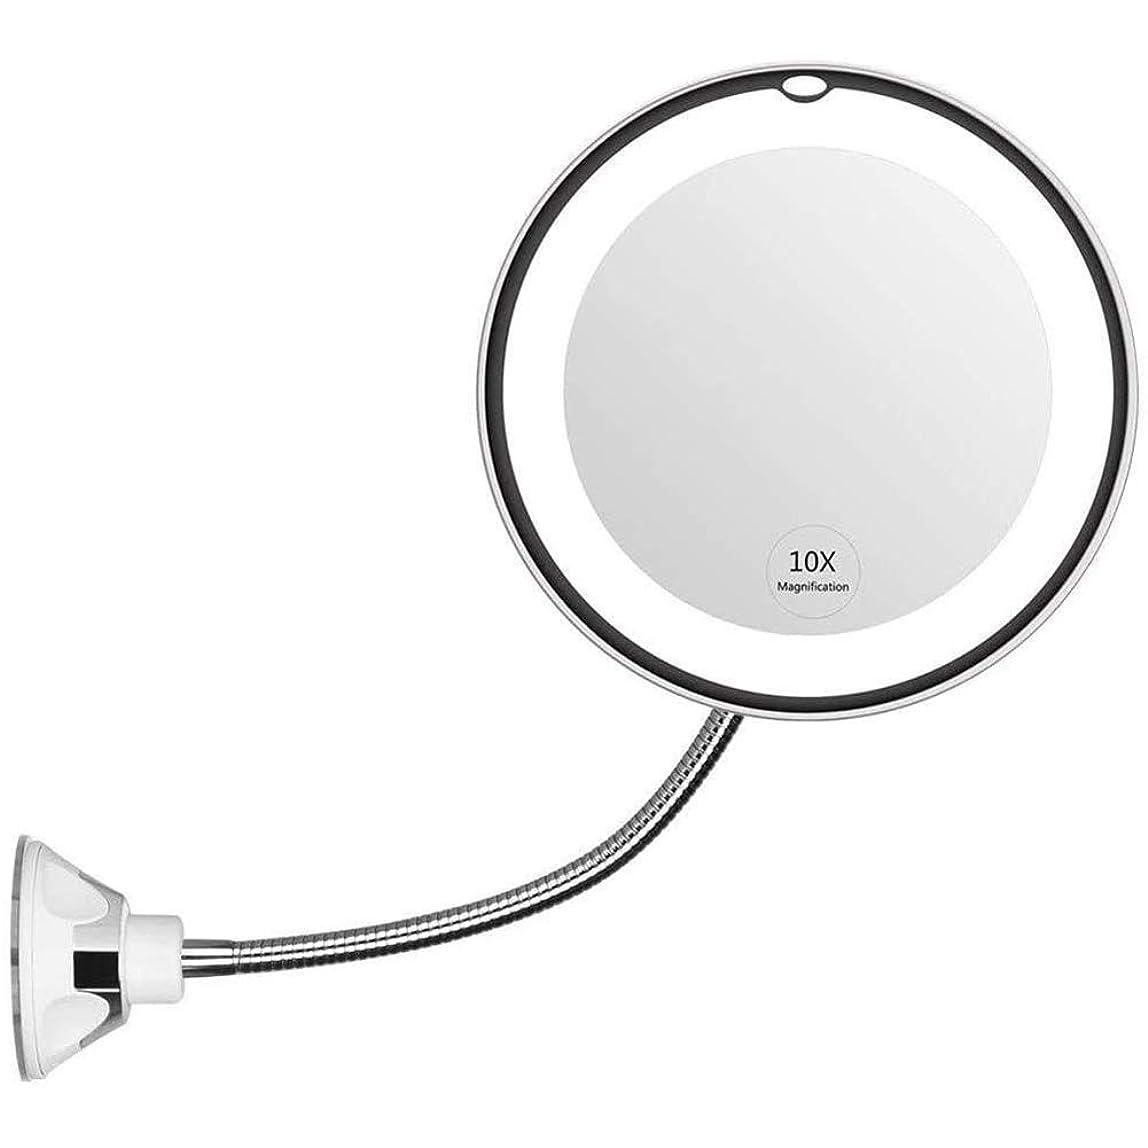 変装うめき舌なTYWZJ 8インチ調整可能なグースネック化粧鏡、柔軟な曲げ可能なバスルーム化粧鏡、強力な吸引カップ360度回転コンパクトトラベルミラー10 X拡大LED点灯